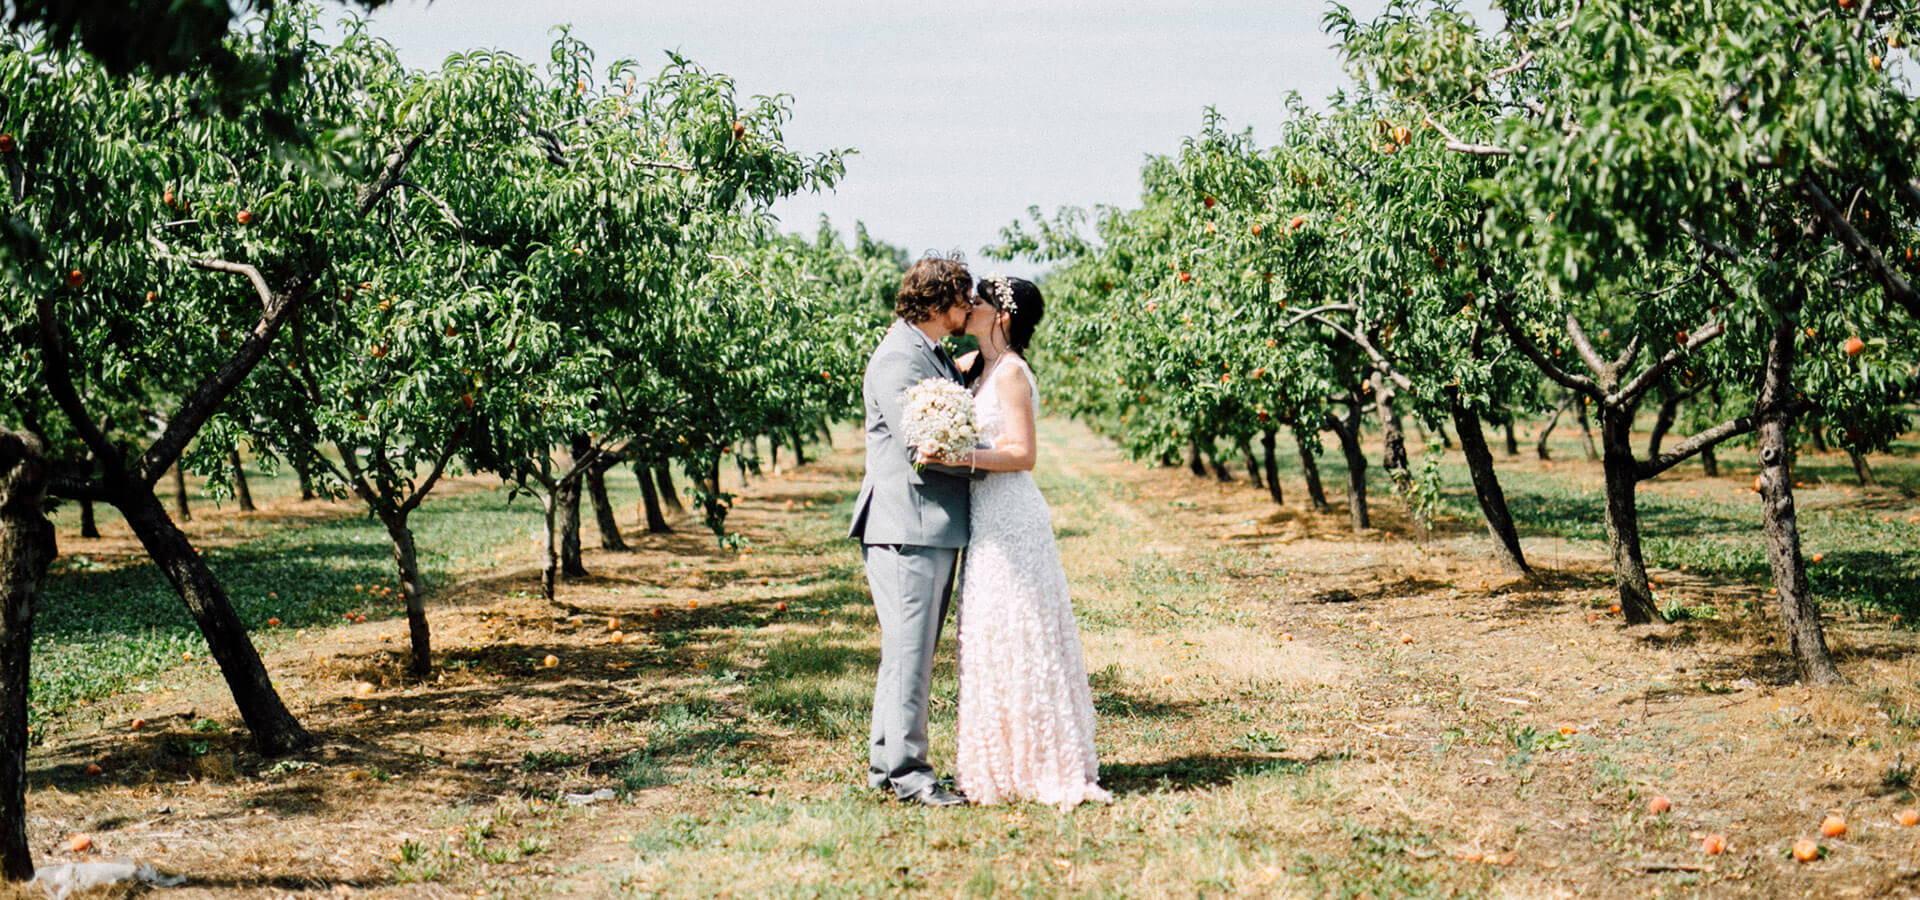 Hero image for Sam and Scott's Effortlessly Elegant Wedding at Honsberger Estate